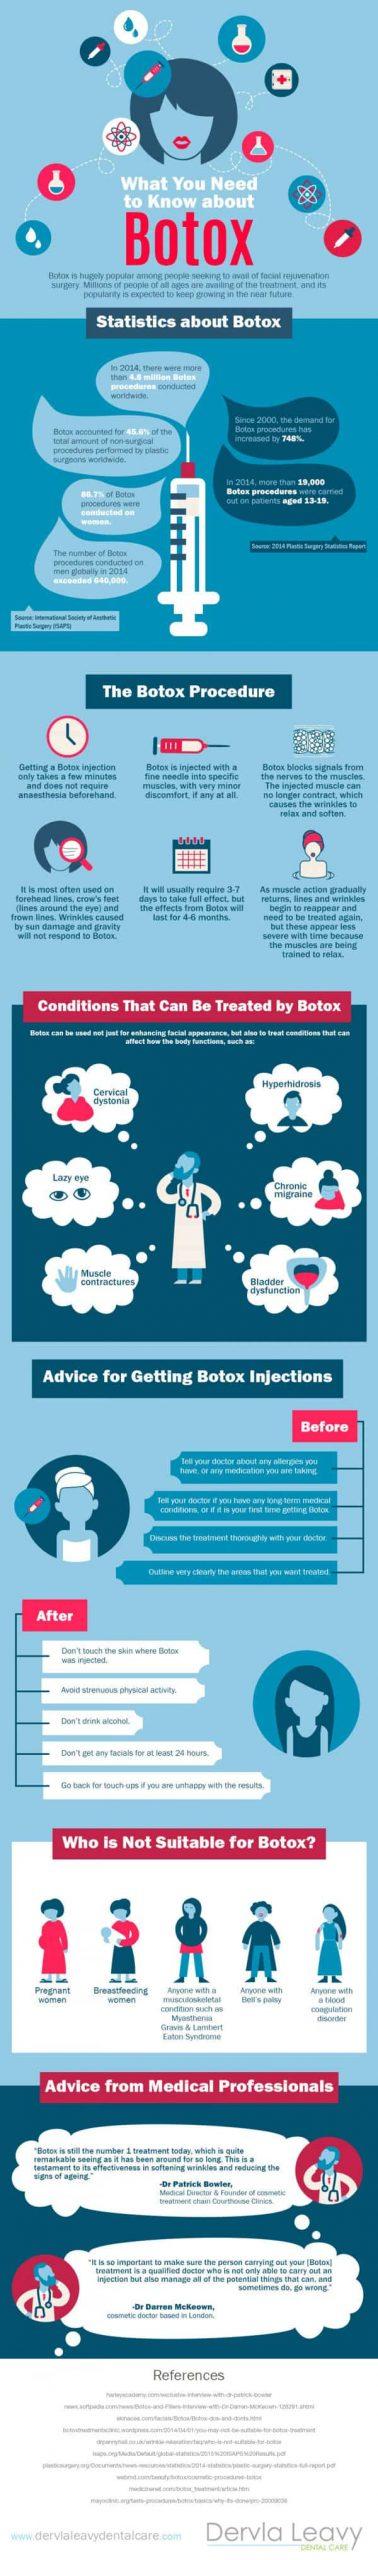 lo que debes saber los tratamientos con bótox infografia